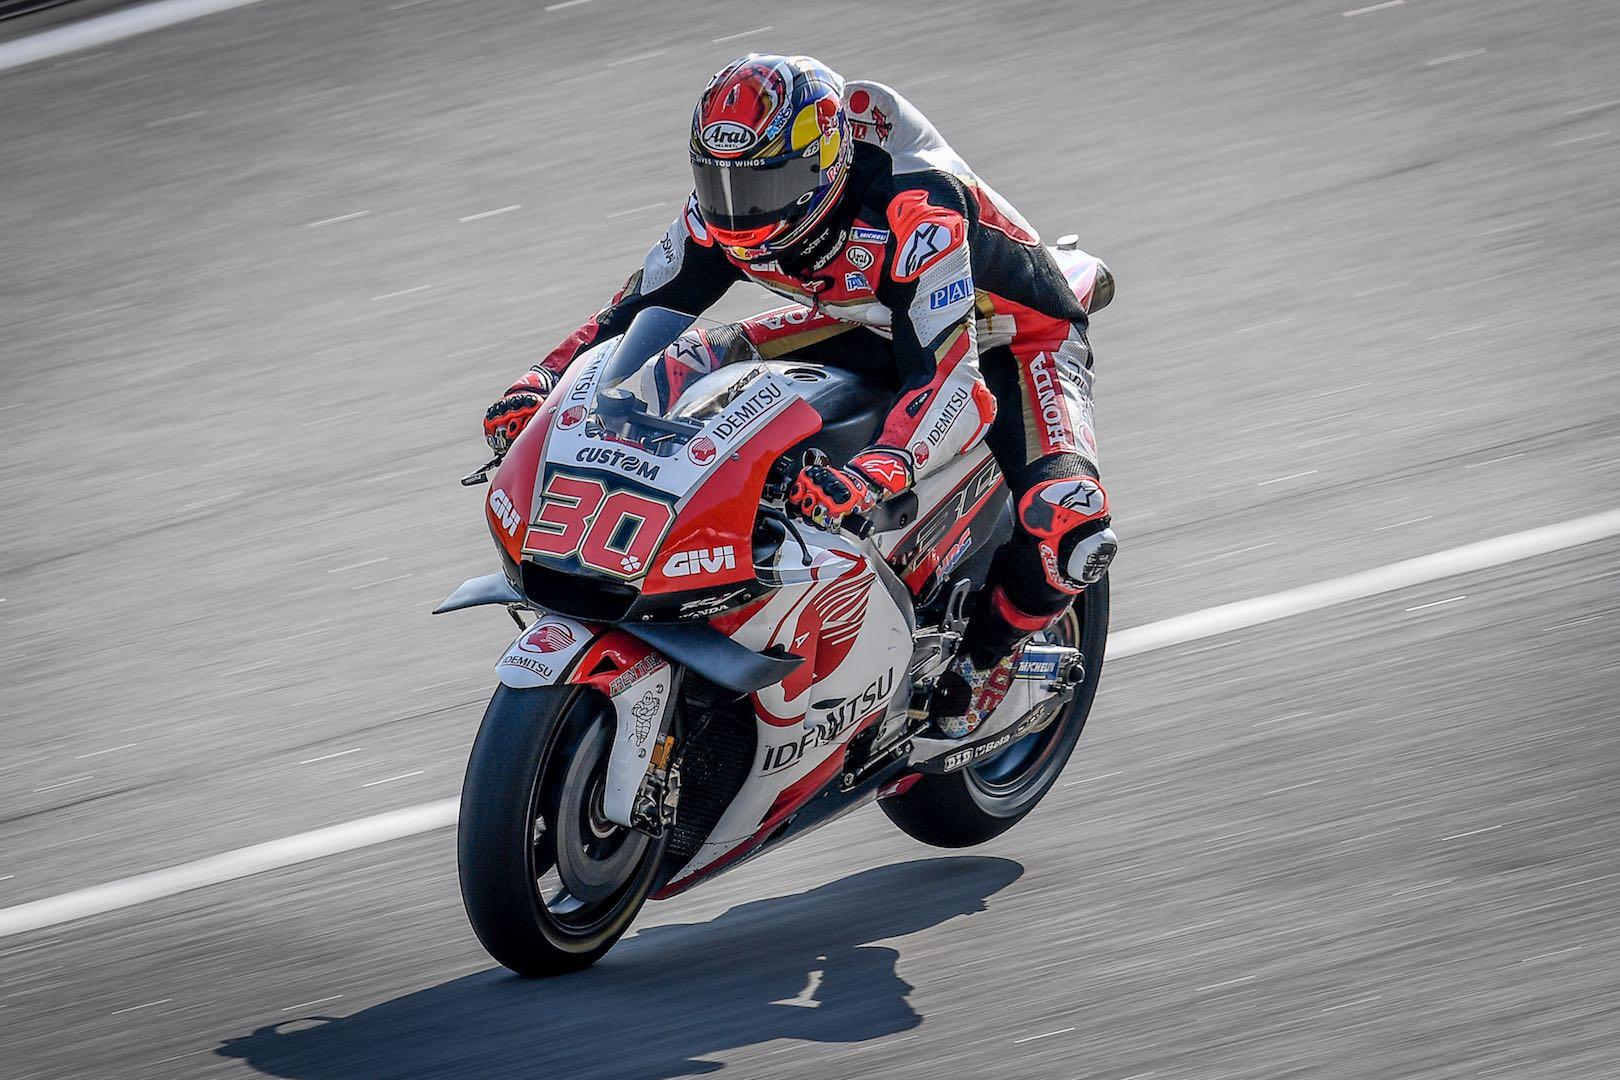 2019 Sepang MotoGP Test Results: Honda Takaaki Nakagami